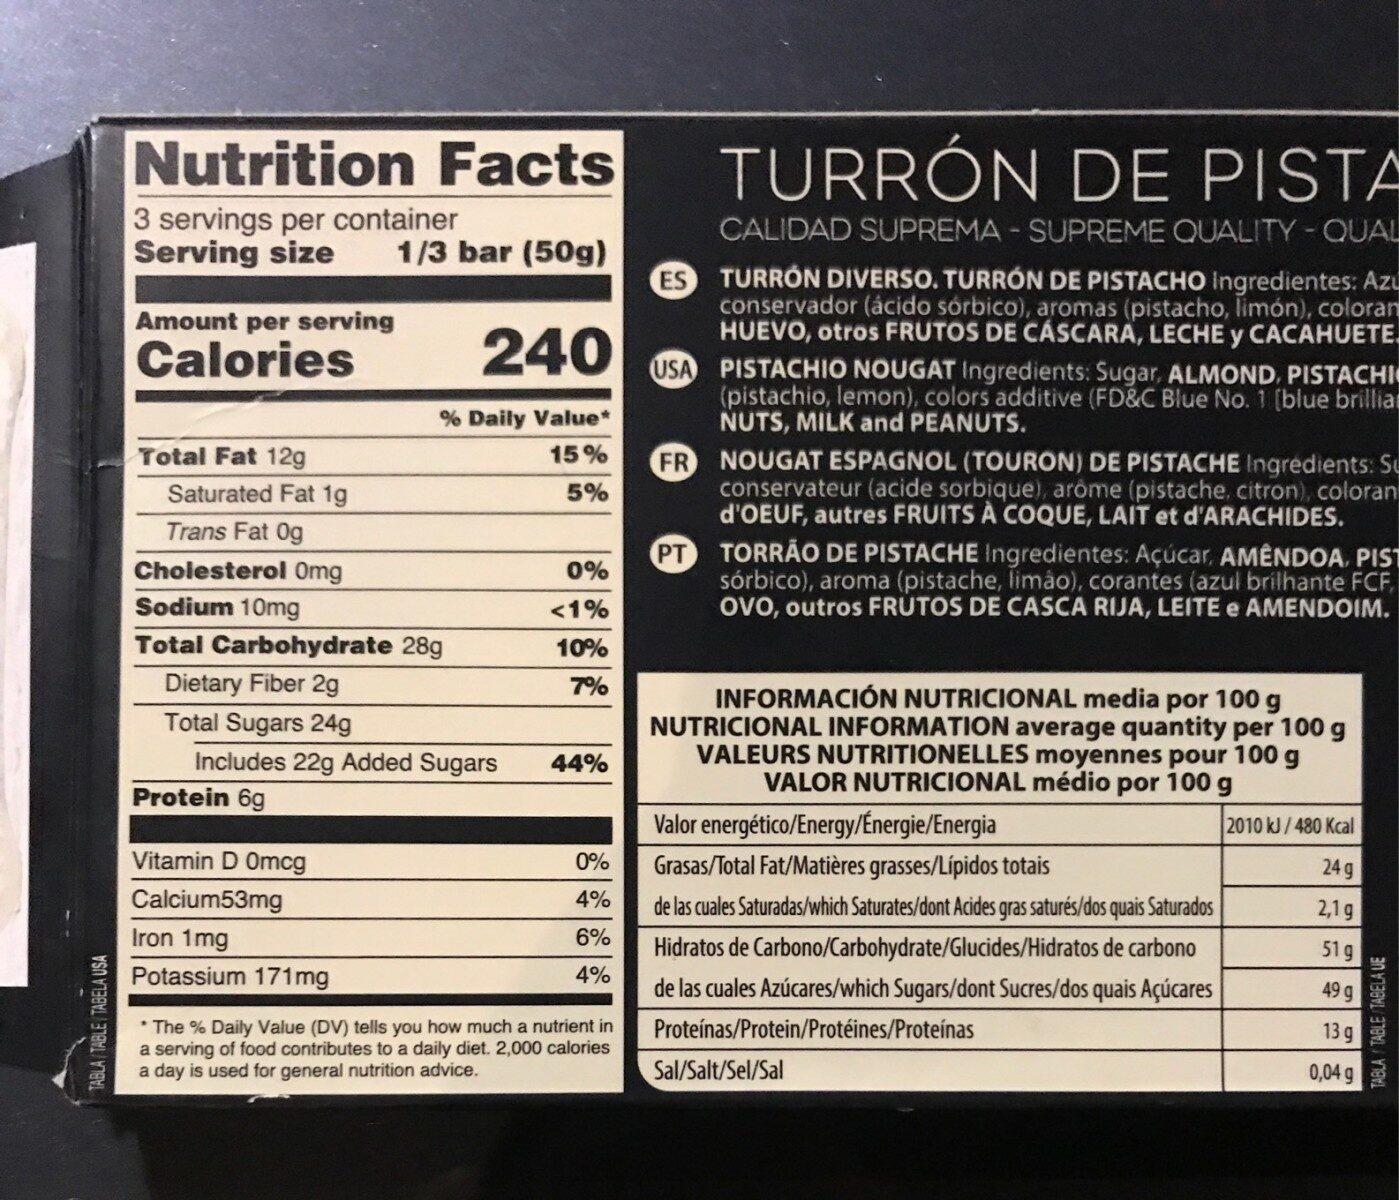 Turrón de Pistacho - Información nutricional - es